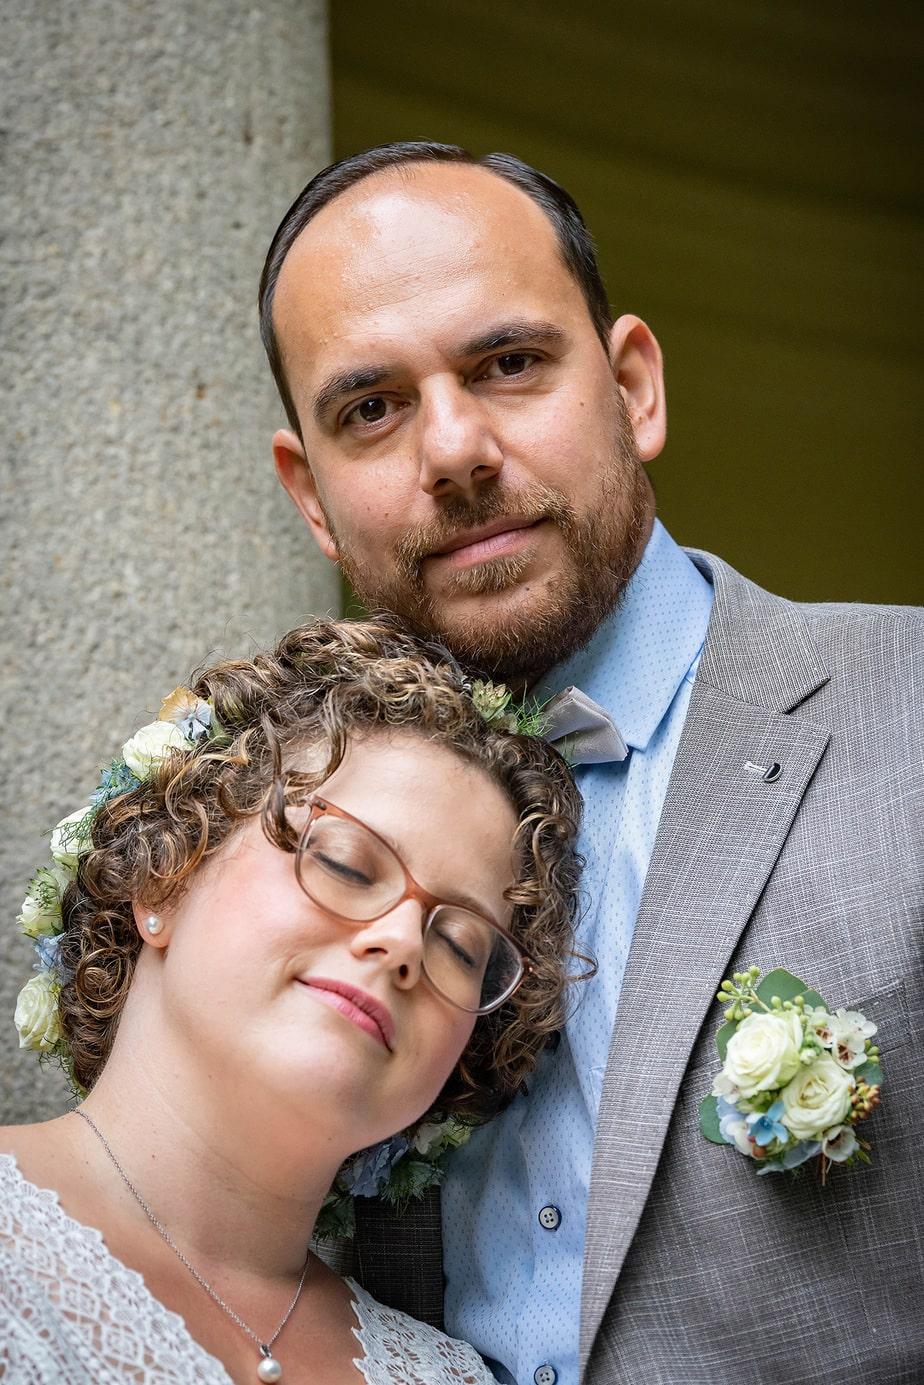 Hochzeitsbilder trotz Corona